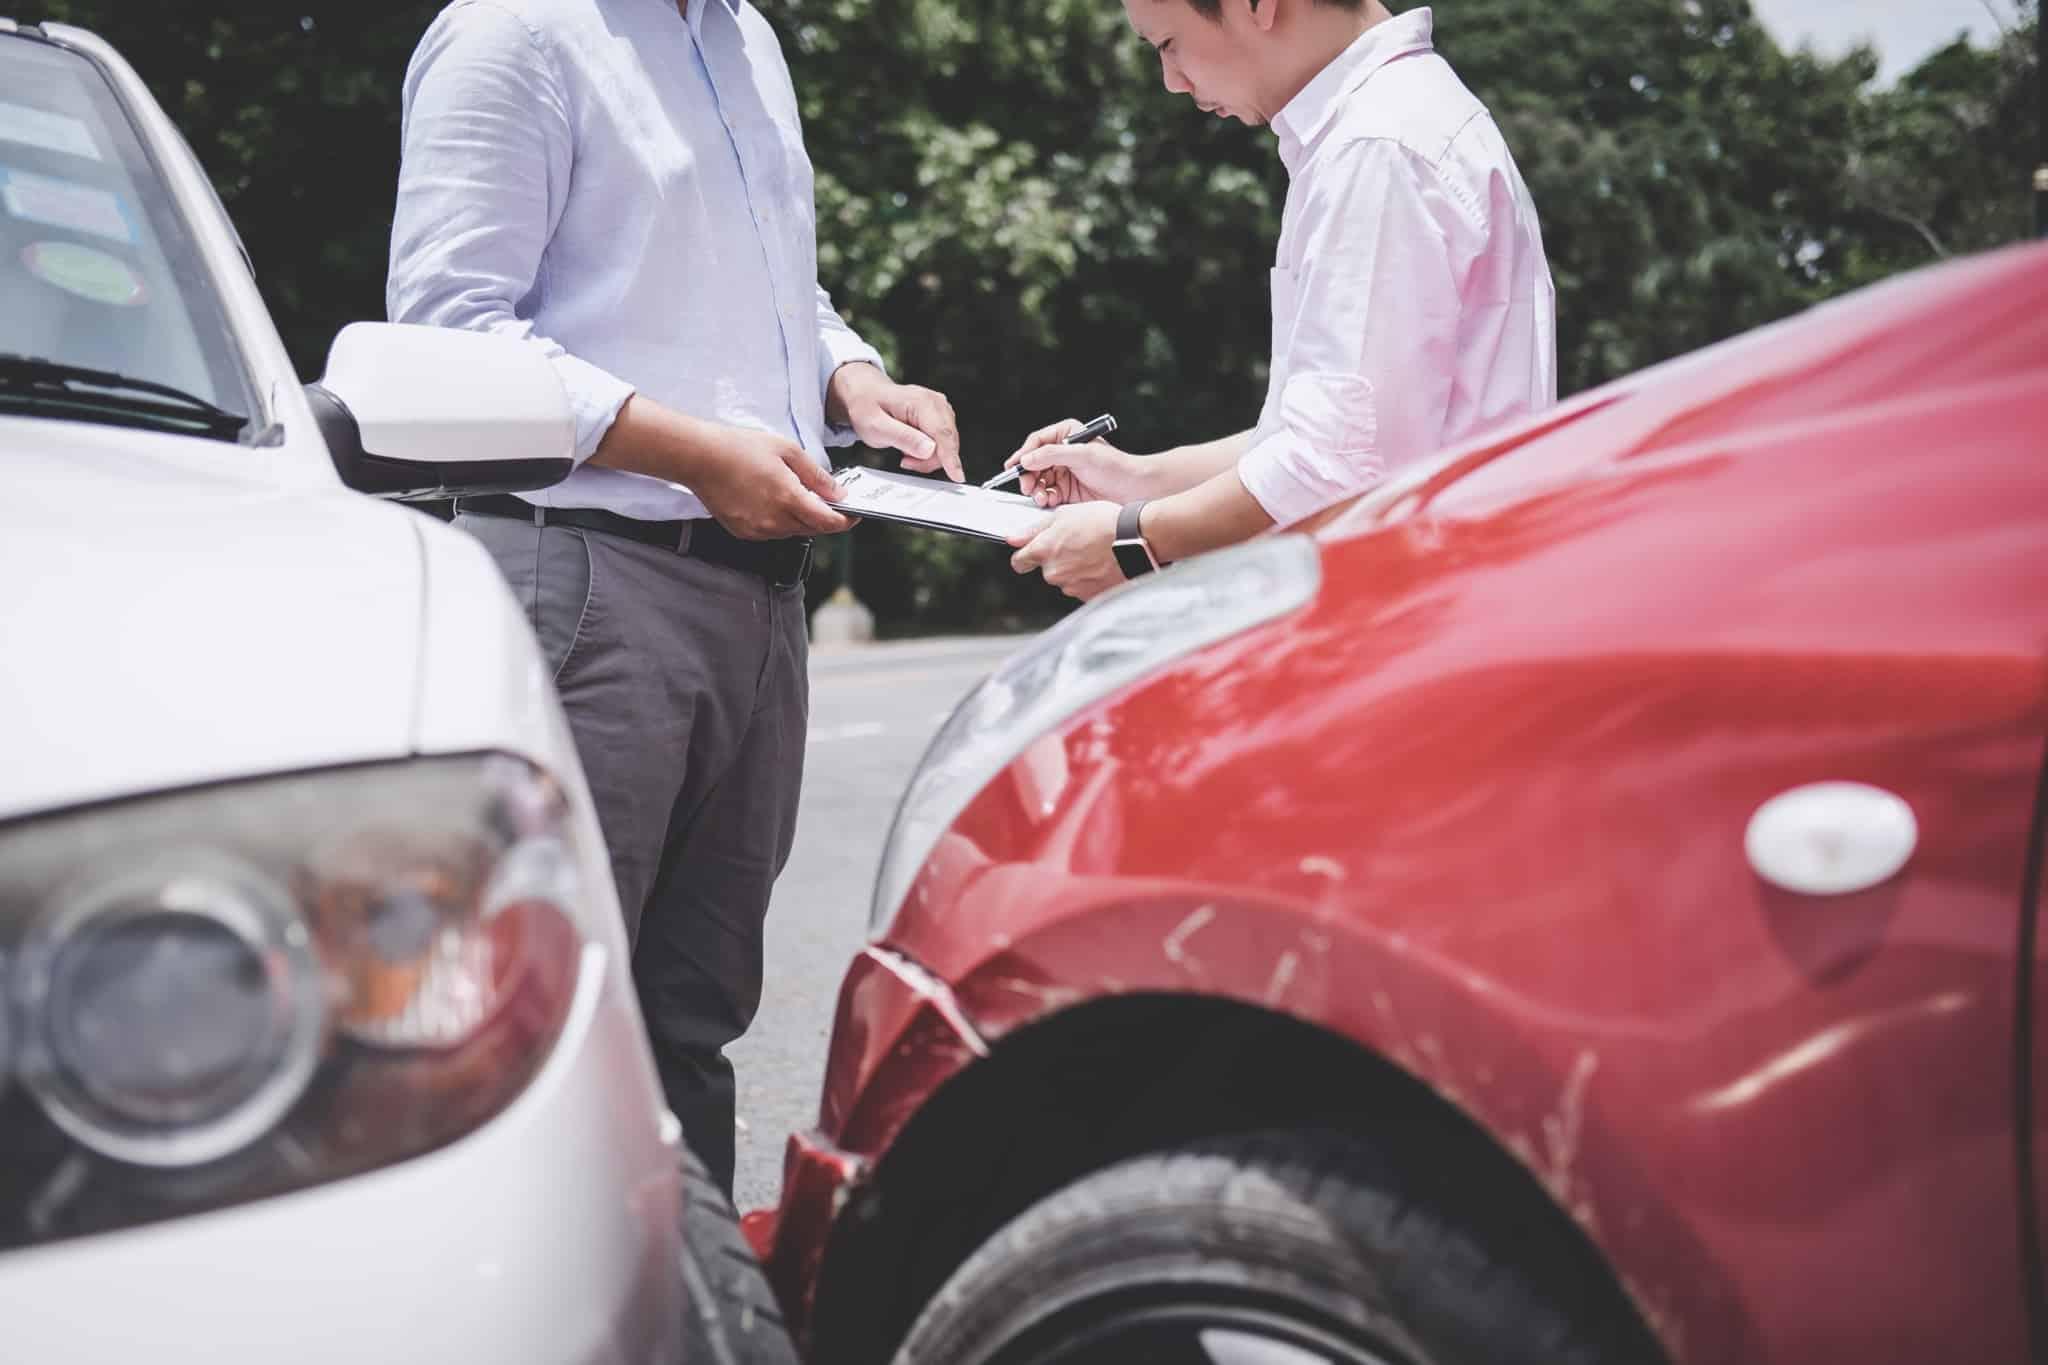 pessoa assina declaraçao amigavel apos acidente de automovel